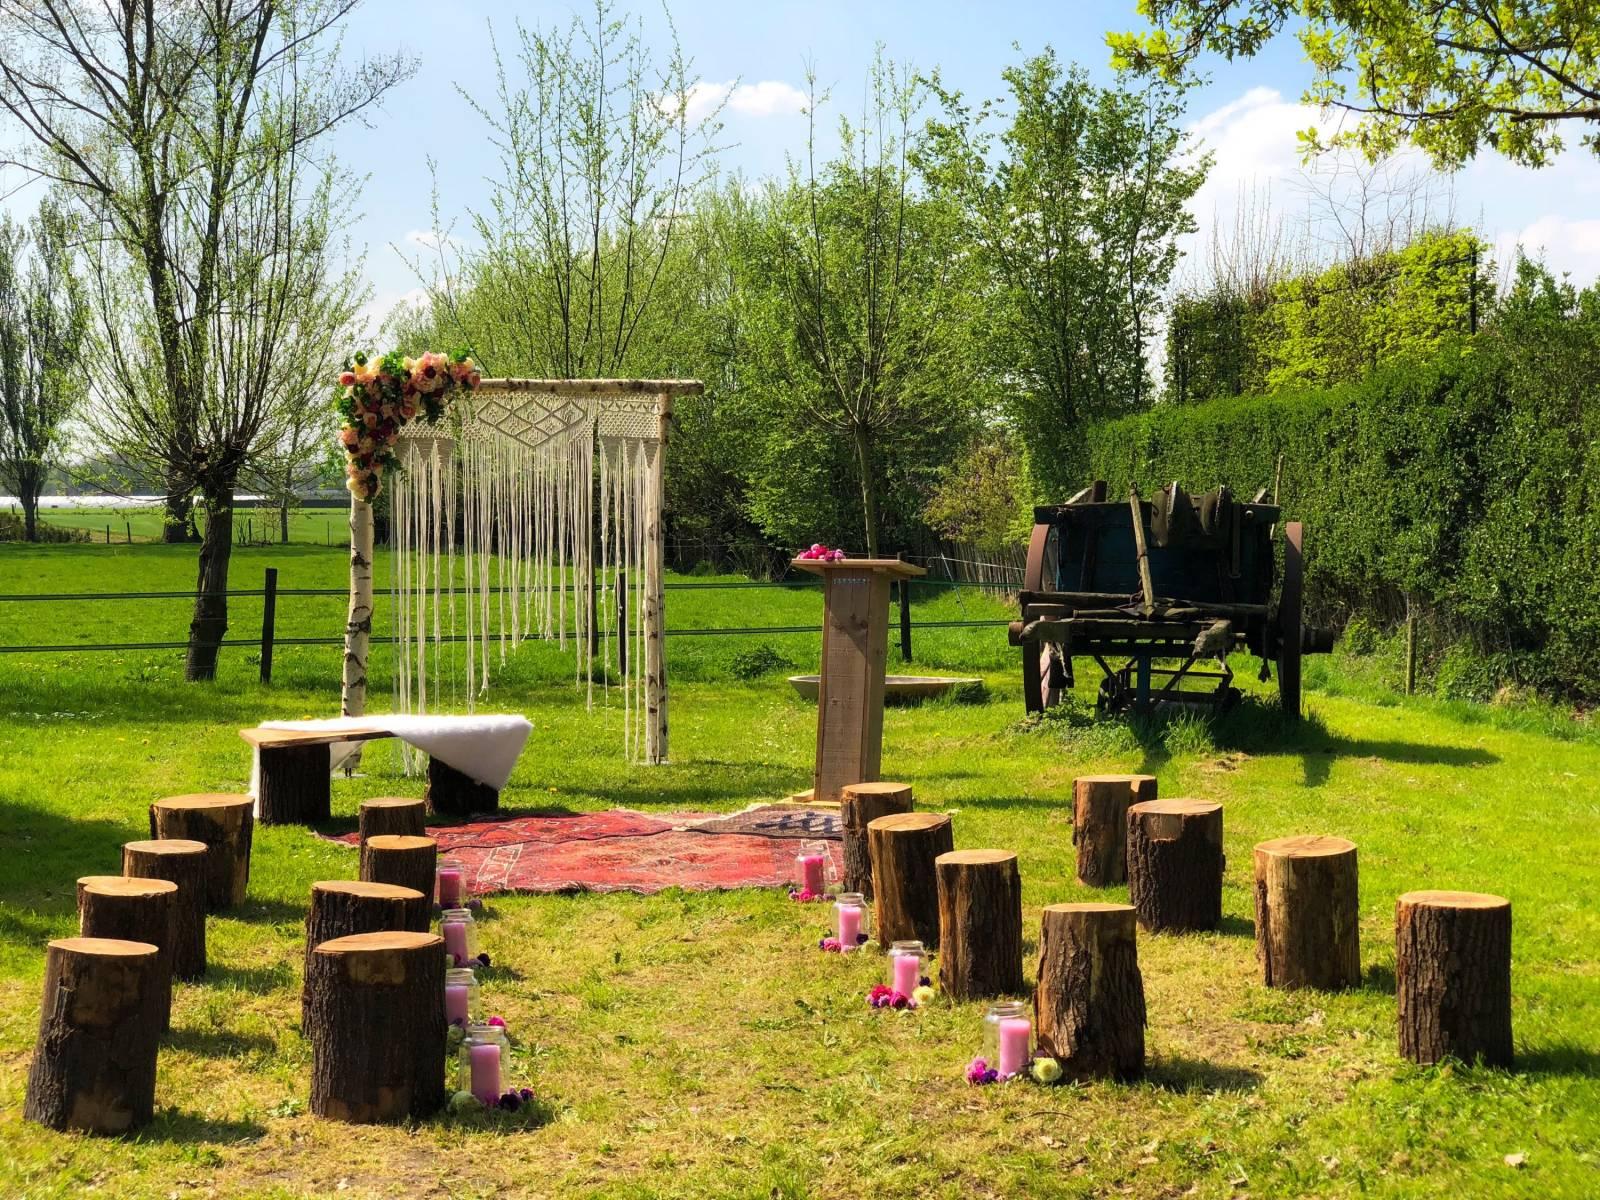 In Style Styling & Decoraties - Trouwdecoratie - Verhuurbedrijf - Wedding Design - House of Weddings - 3